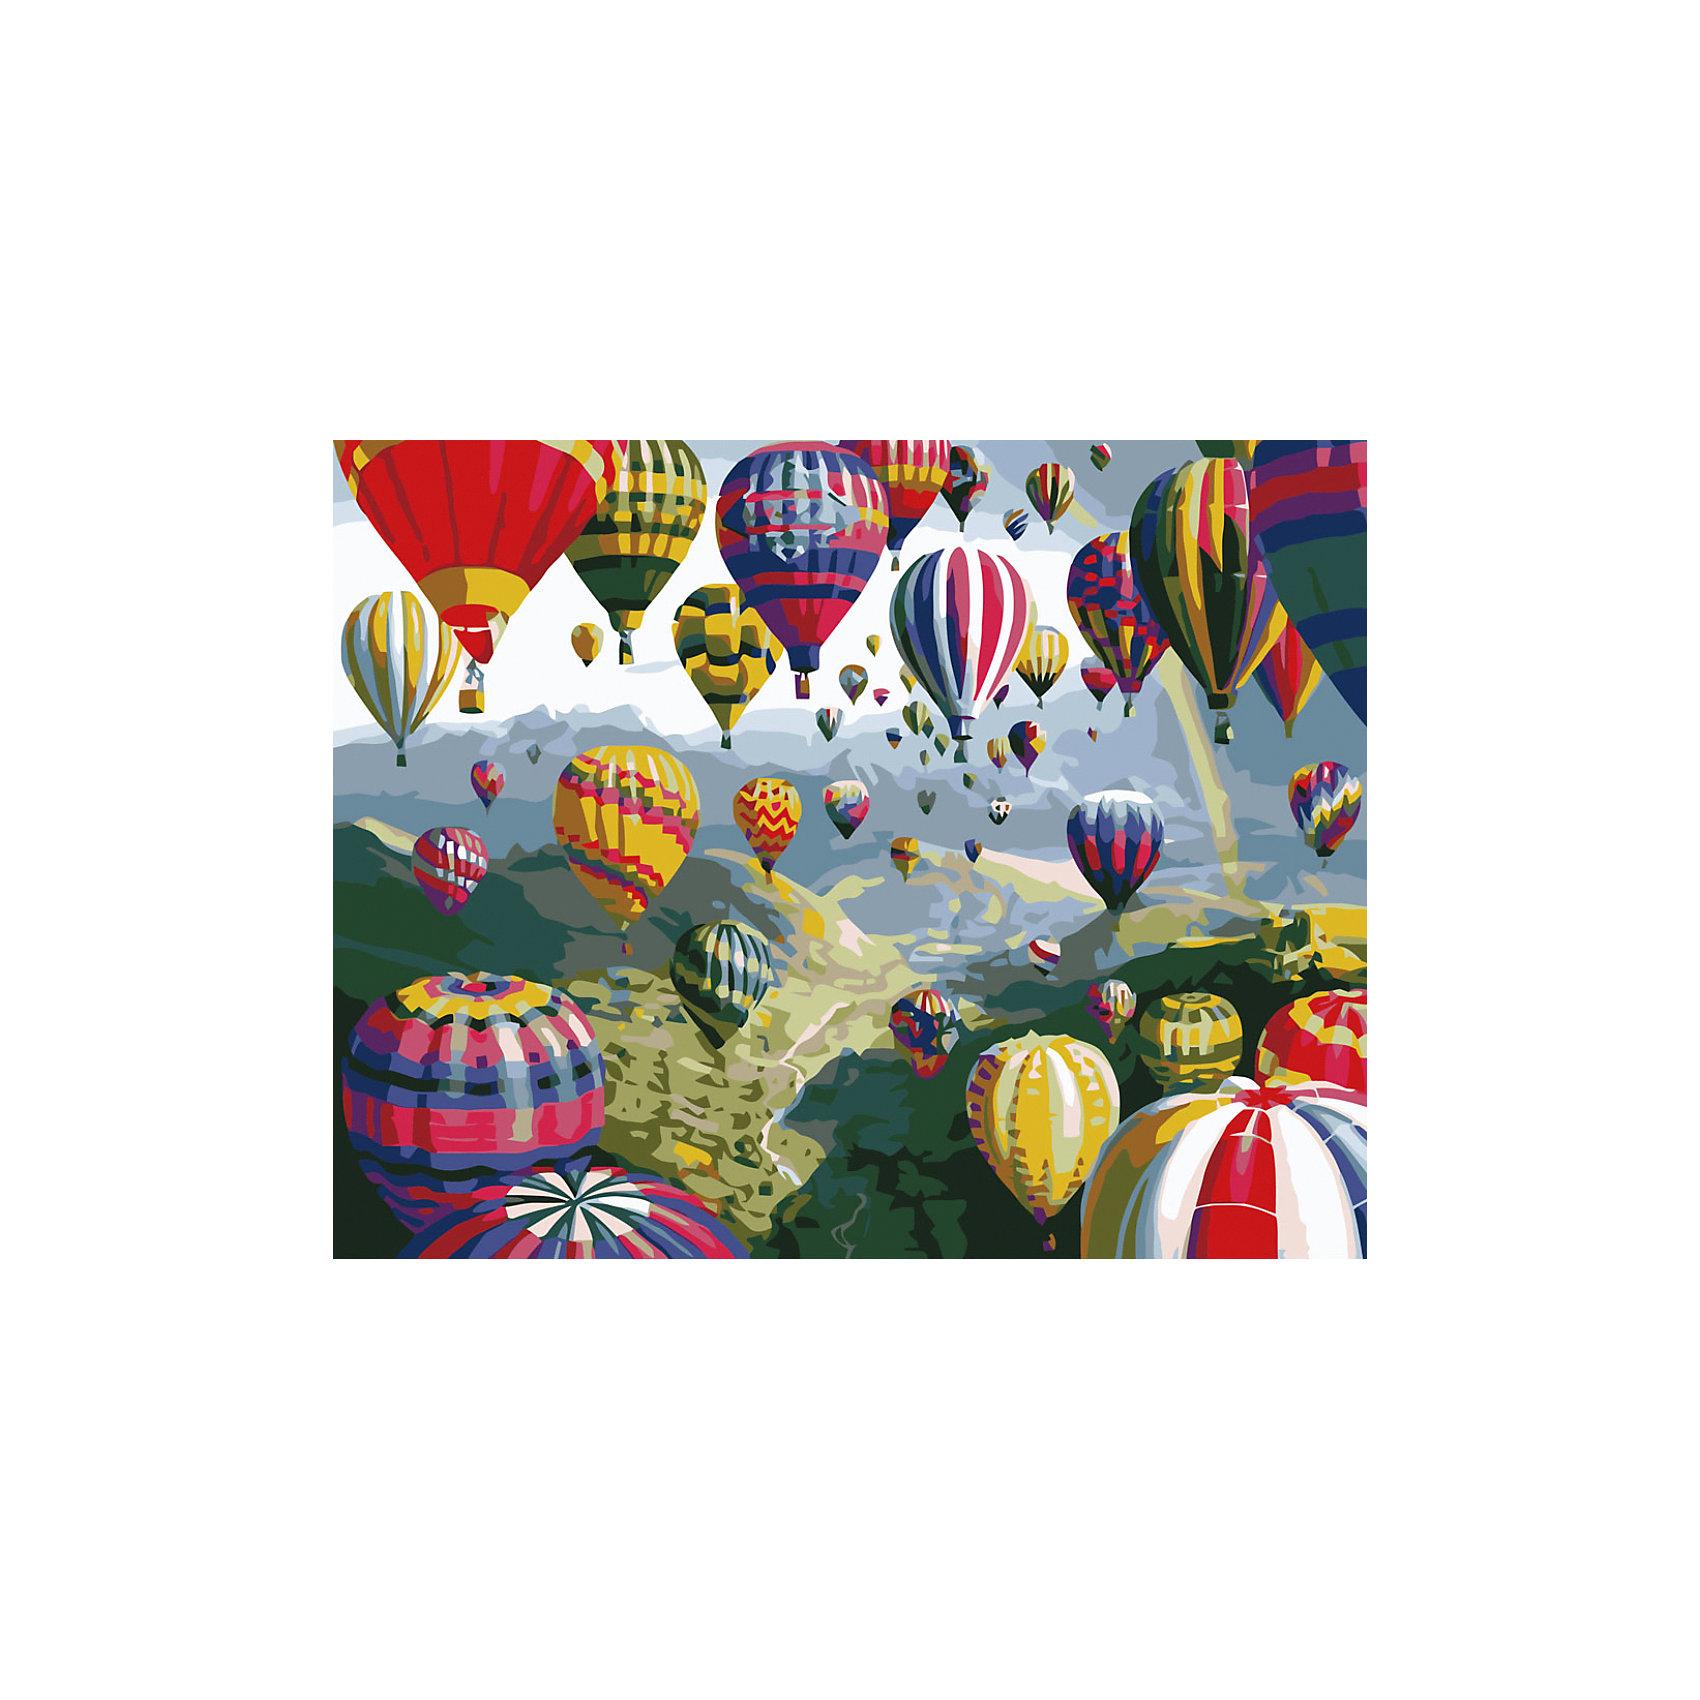 TUKZAR Роспись по номерам Воздушные шары 40*50 см мозаика по номерам воздушные шары origami